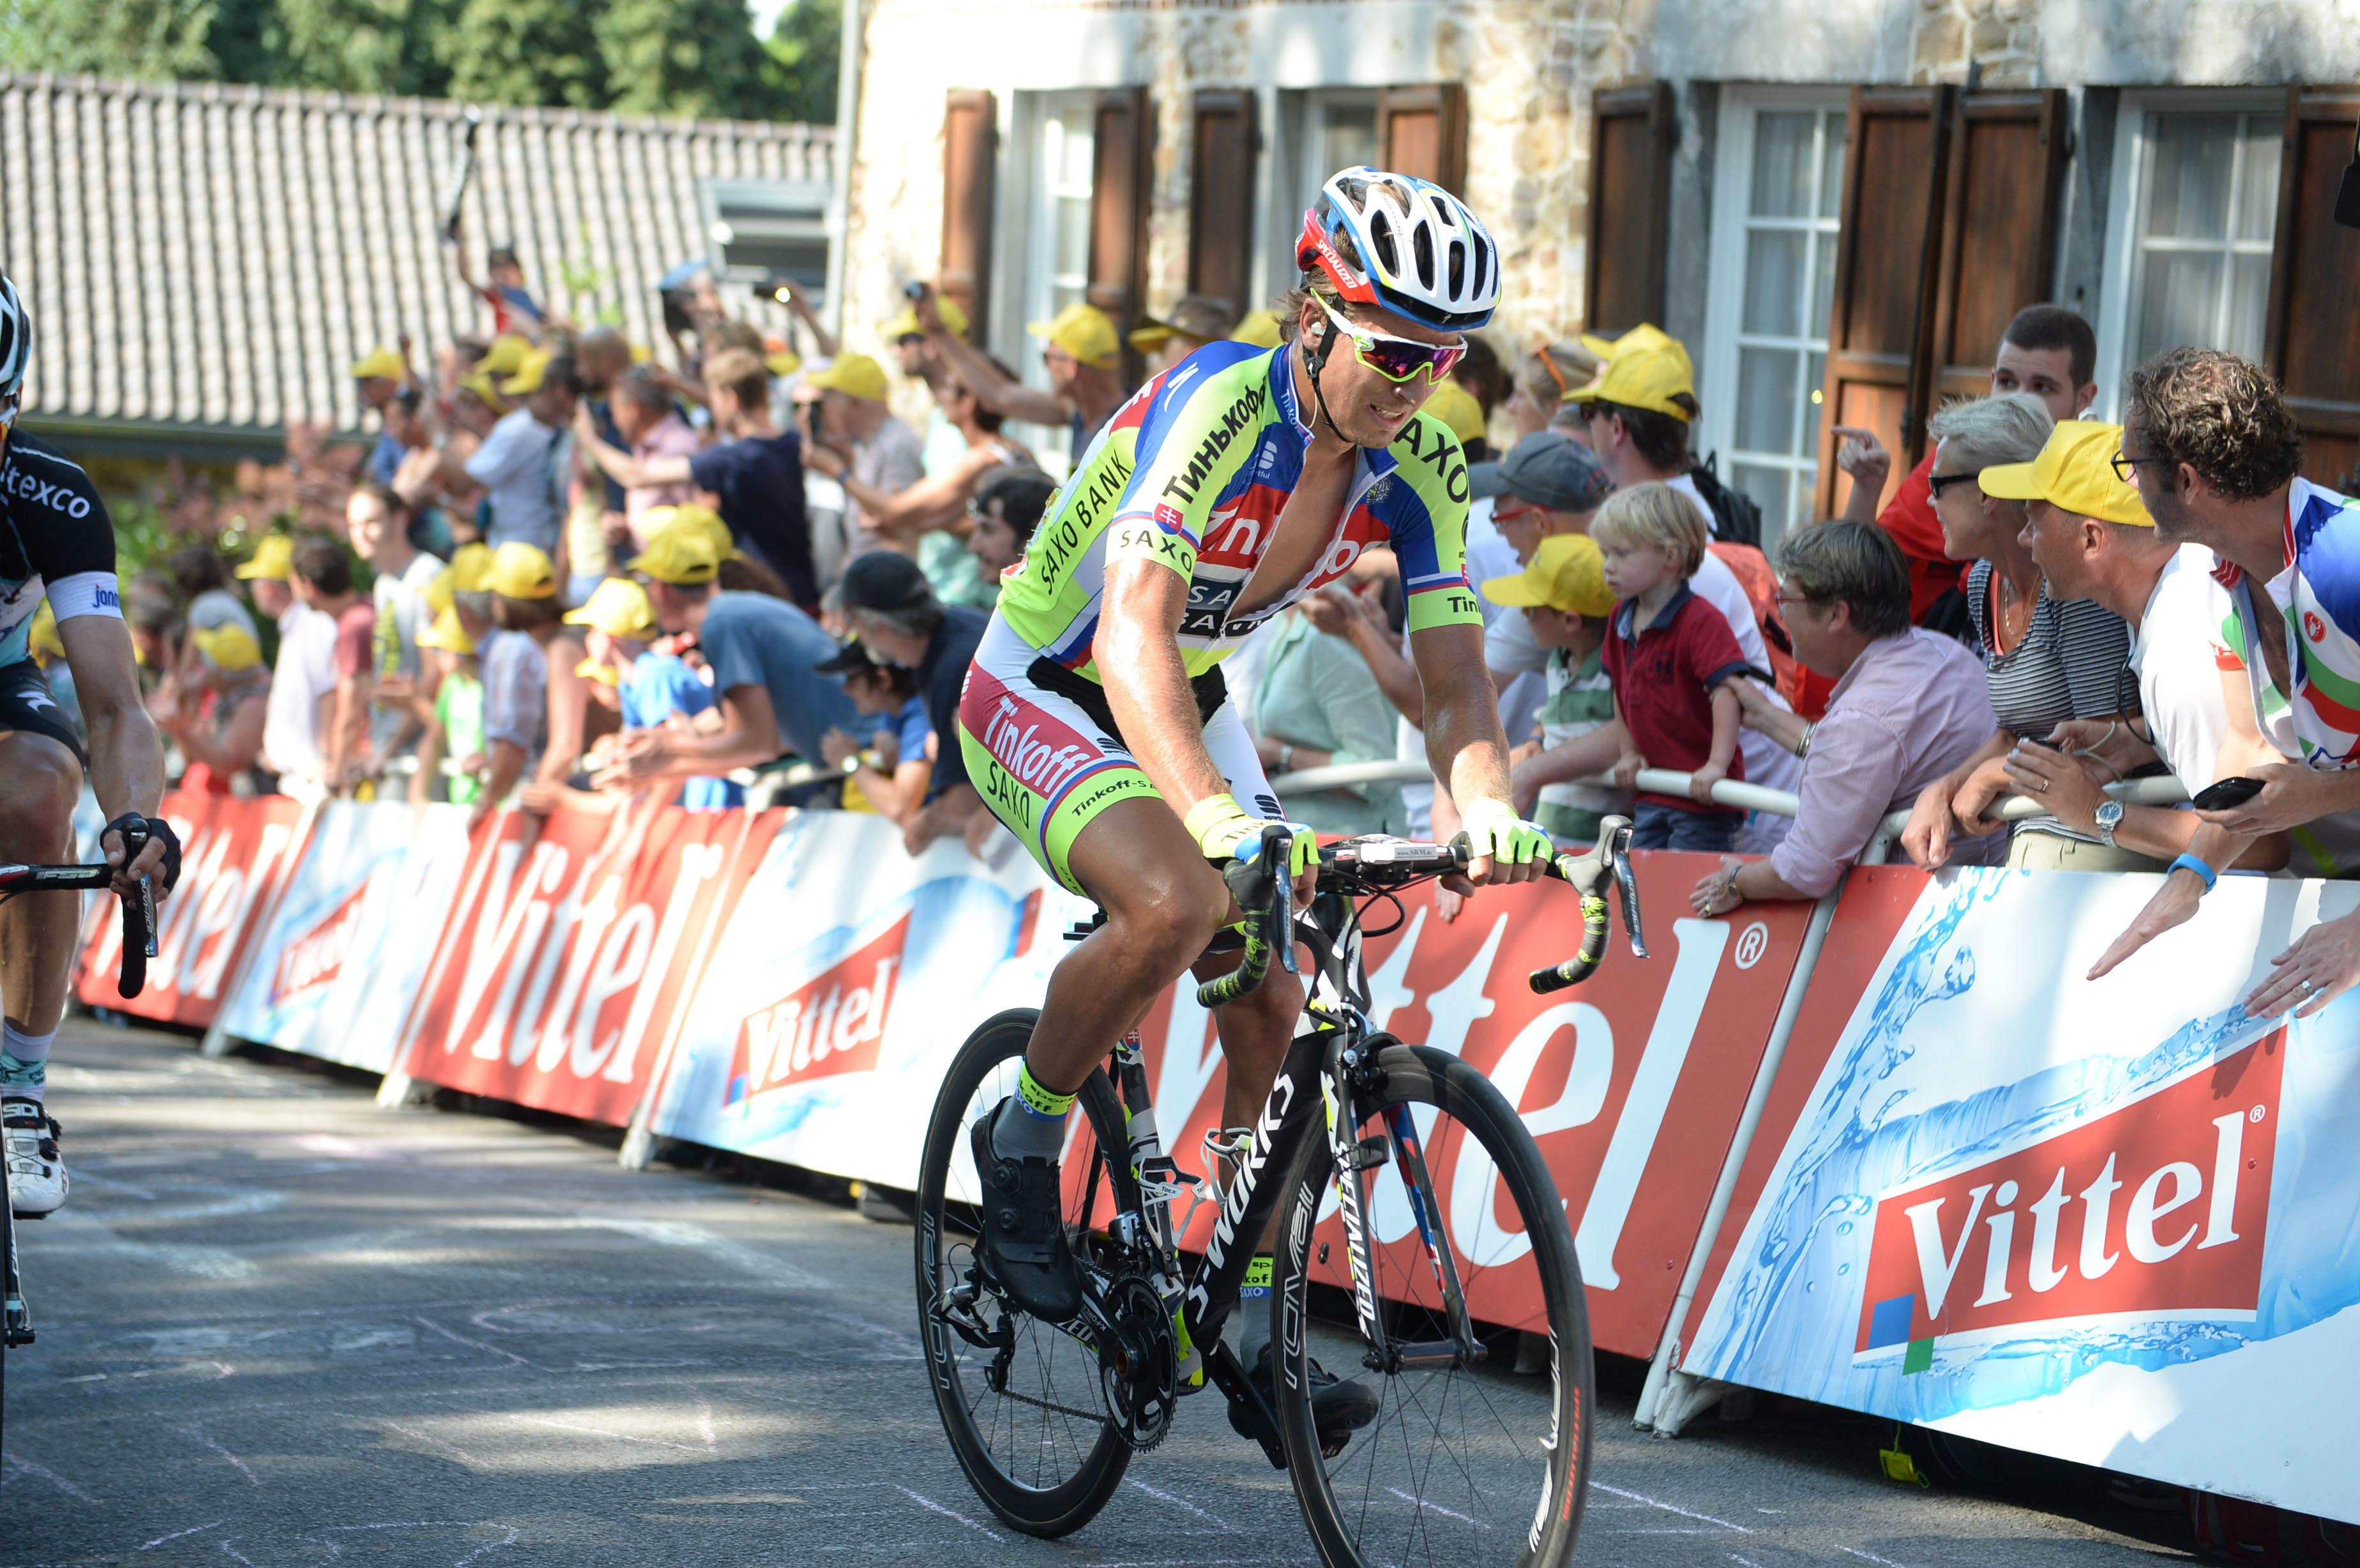 Peter Sagan - Tour de France 2015. (pic: Sirotti)